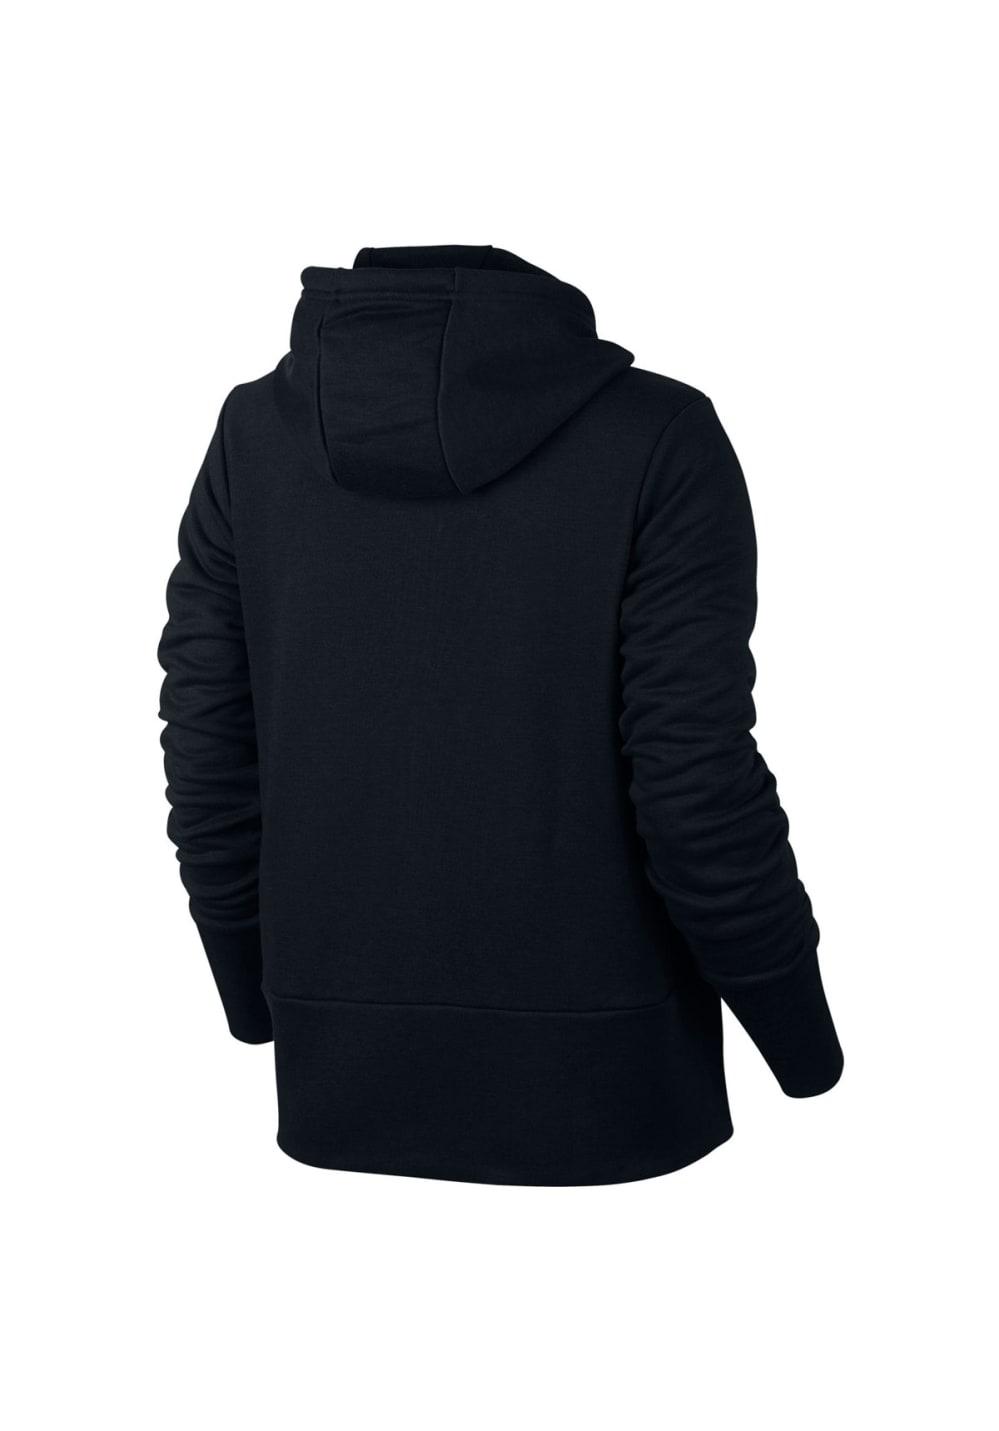 Nike Dry Training Hoodie Sweatshirts & Hoodies für Damen Schwarz